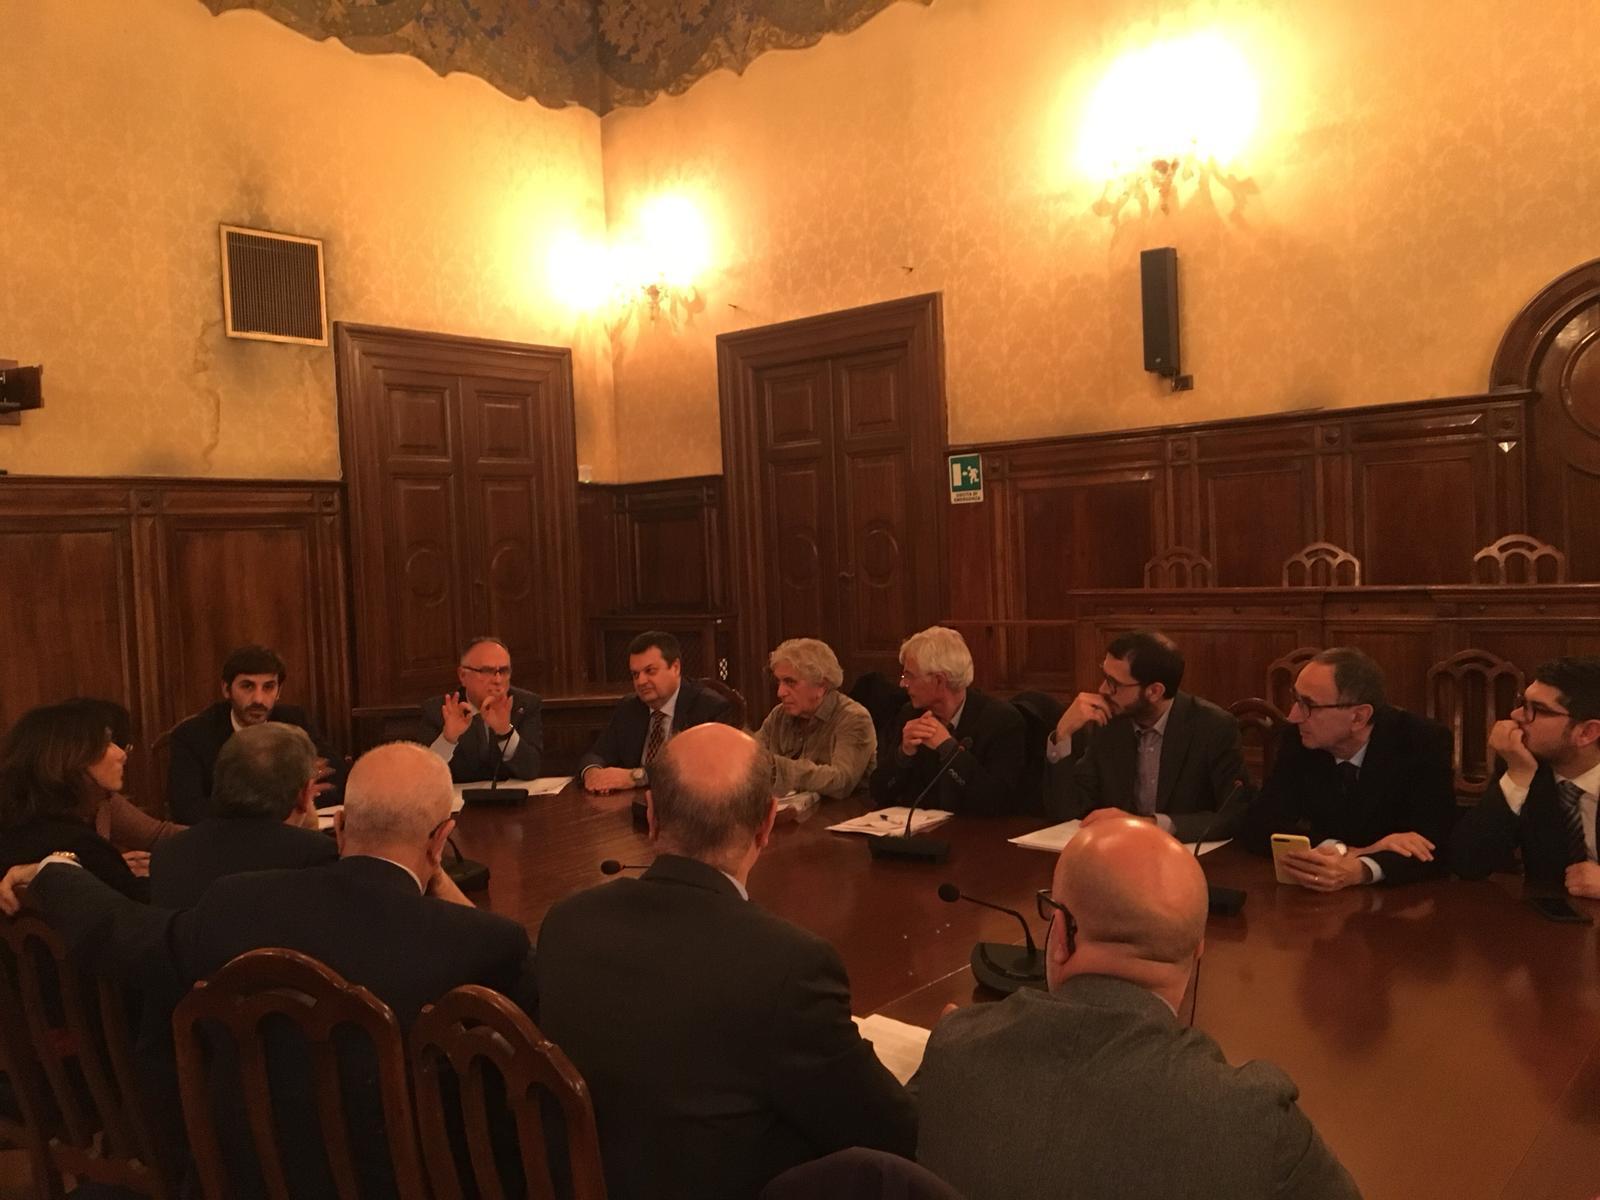 Banca Agricola Popolare di Ragusa, delegazione risparmiatori ricevuta al Ministero